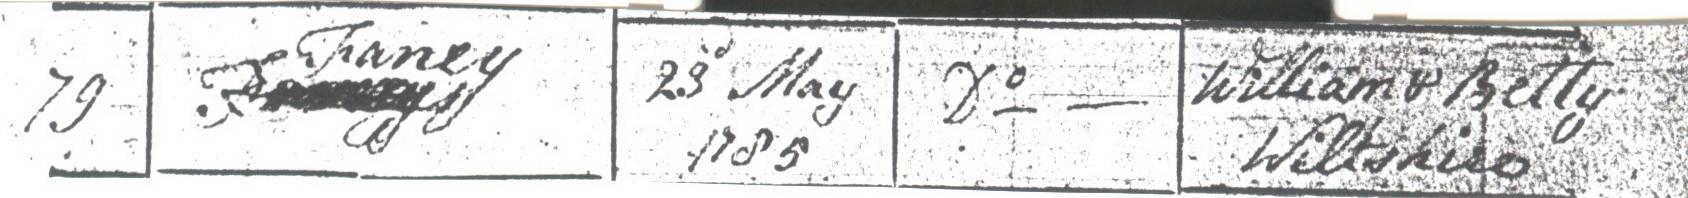 Fanny Wiltshire